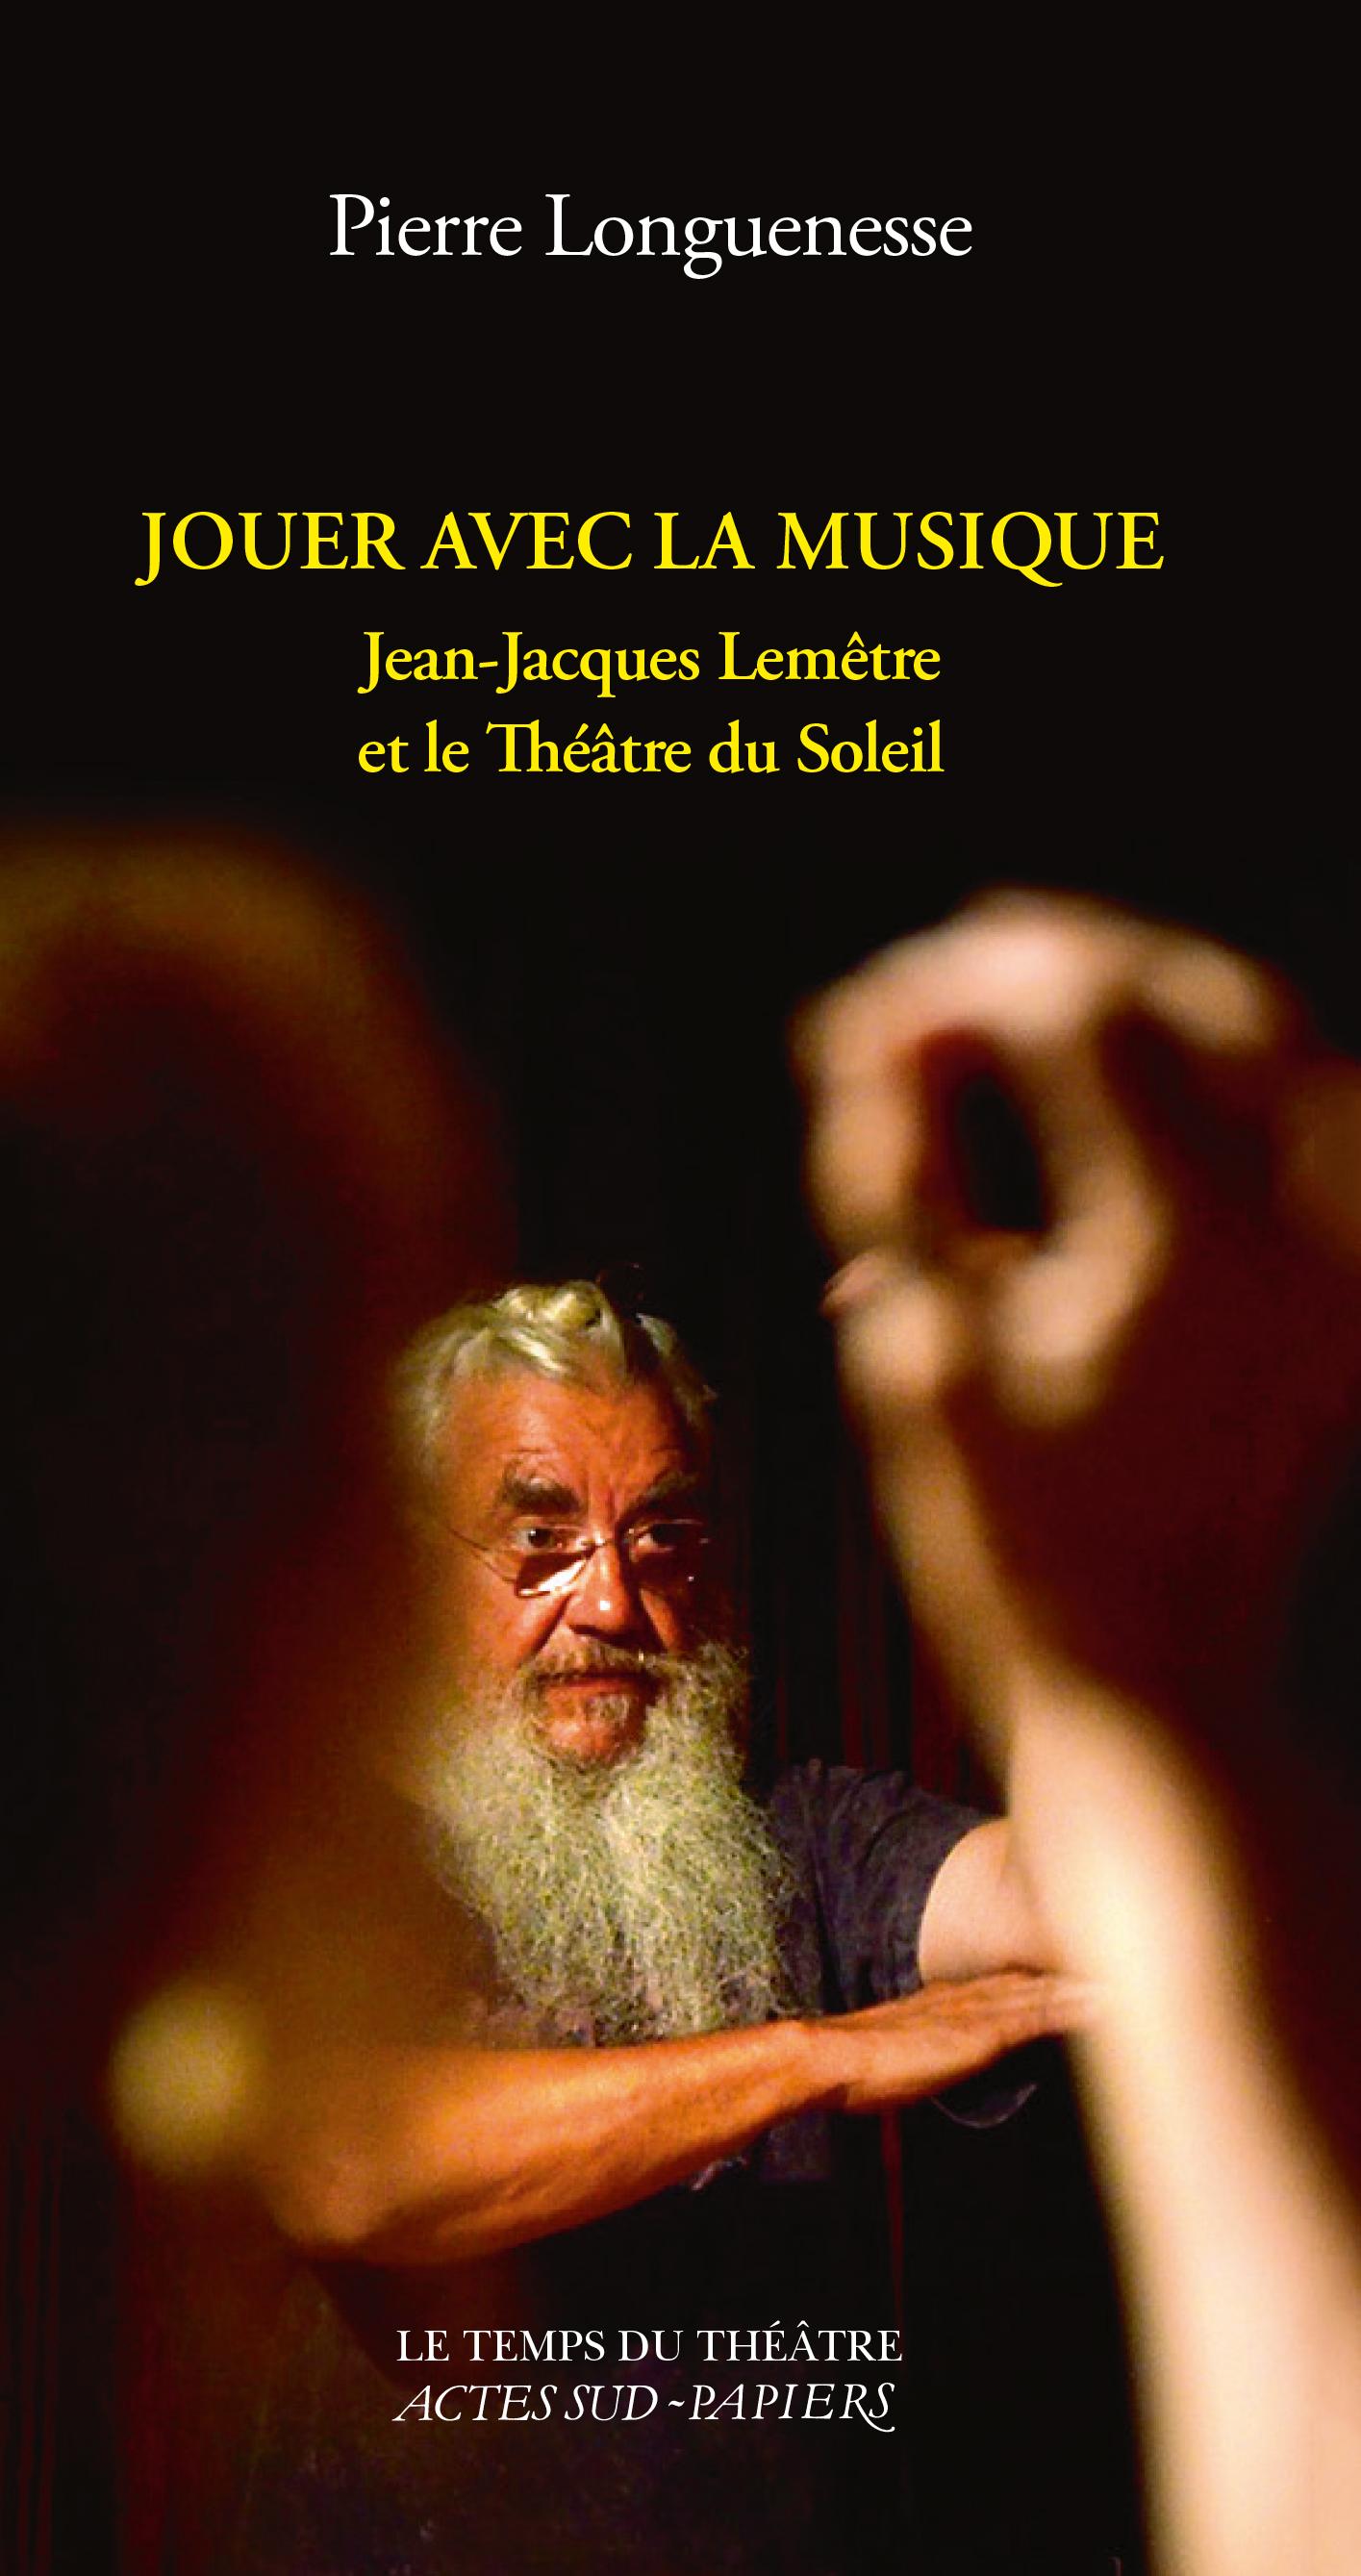 Jouer avec la musique. Jean-Jacques Lemêtre et le Théâtre du Soleil